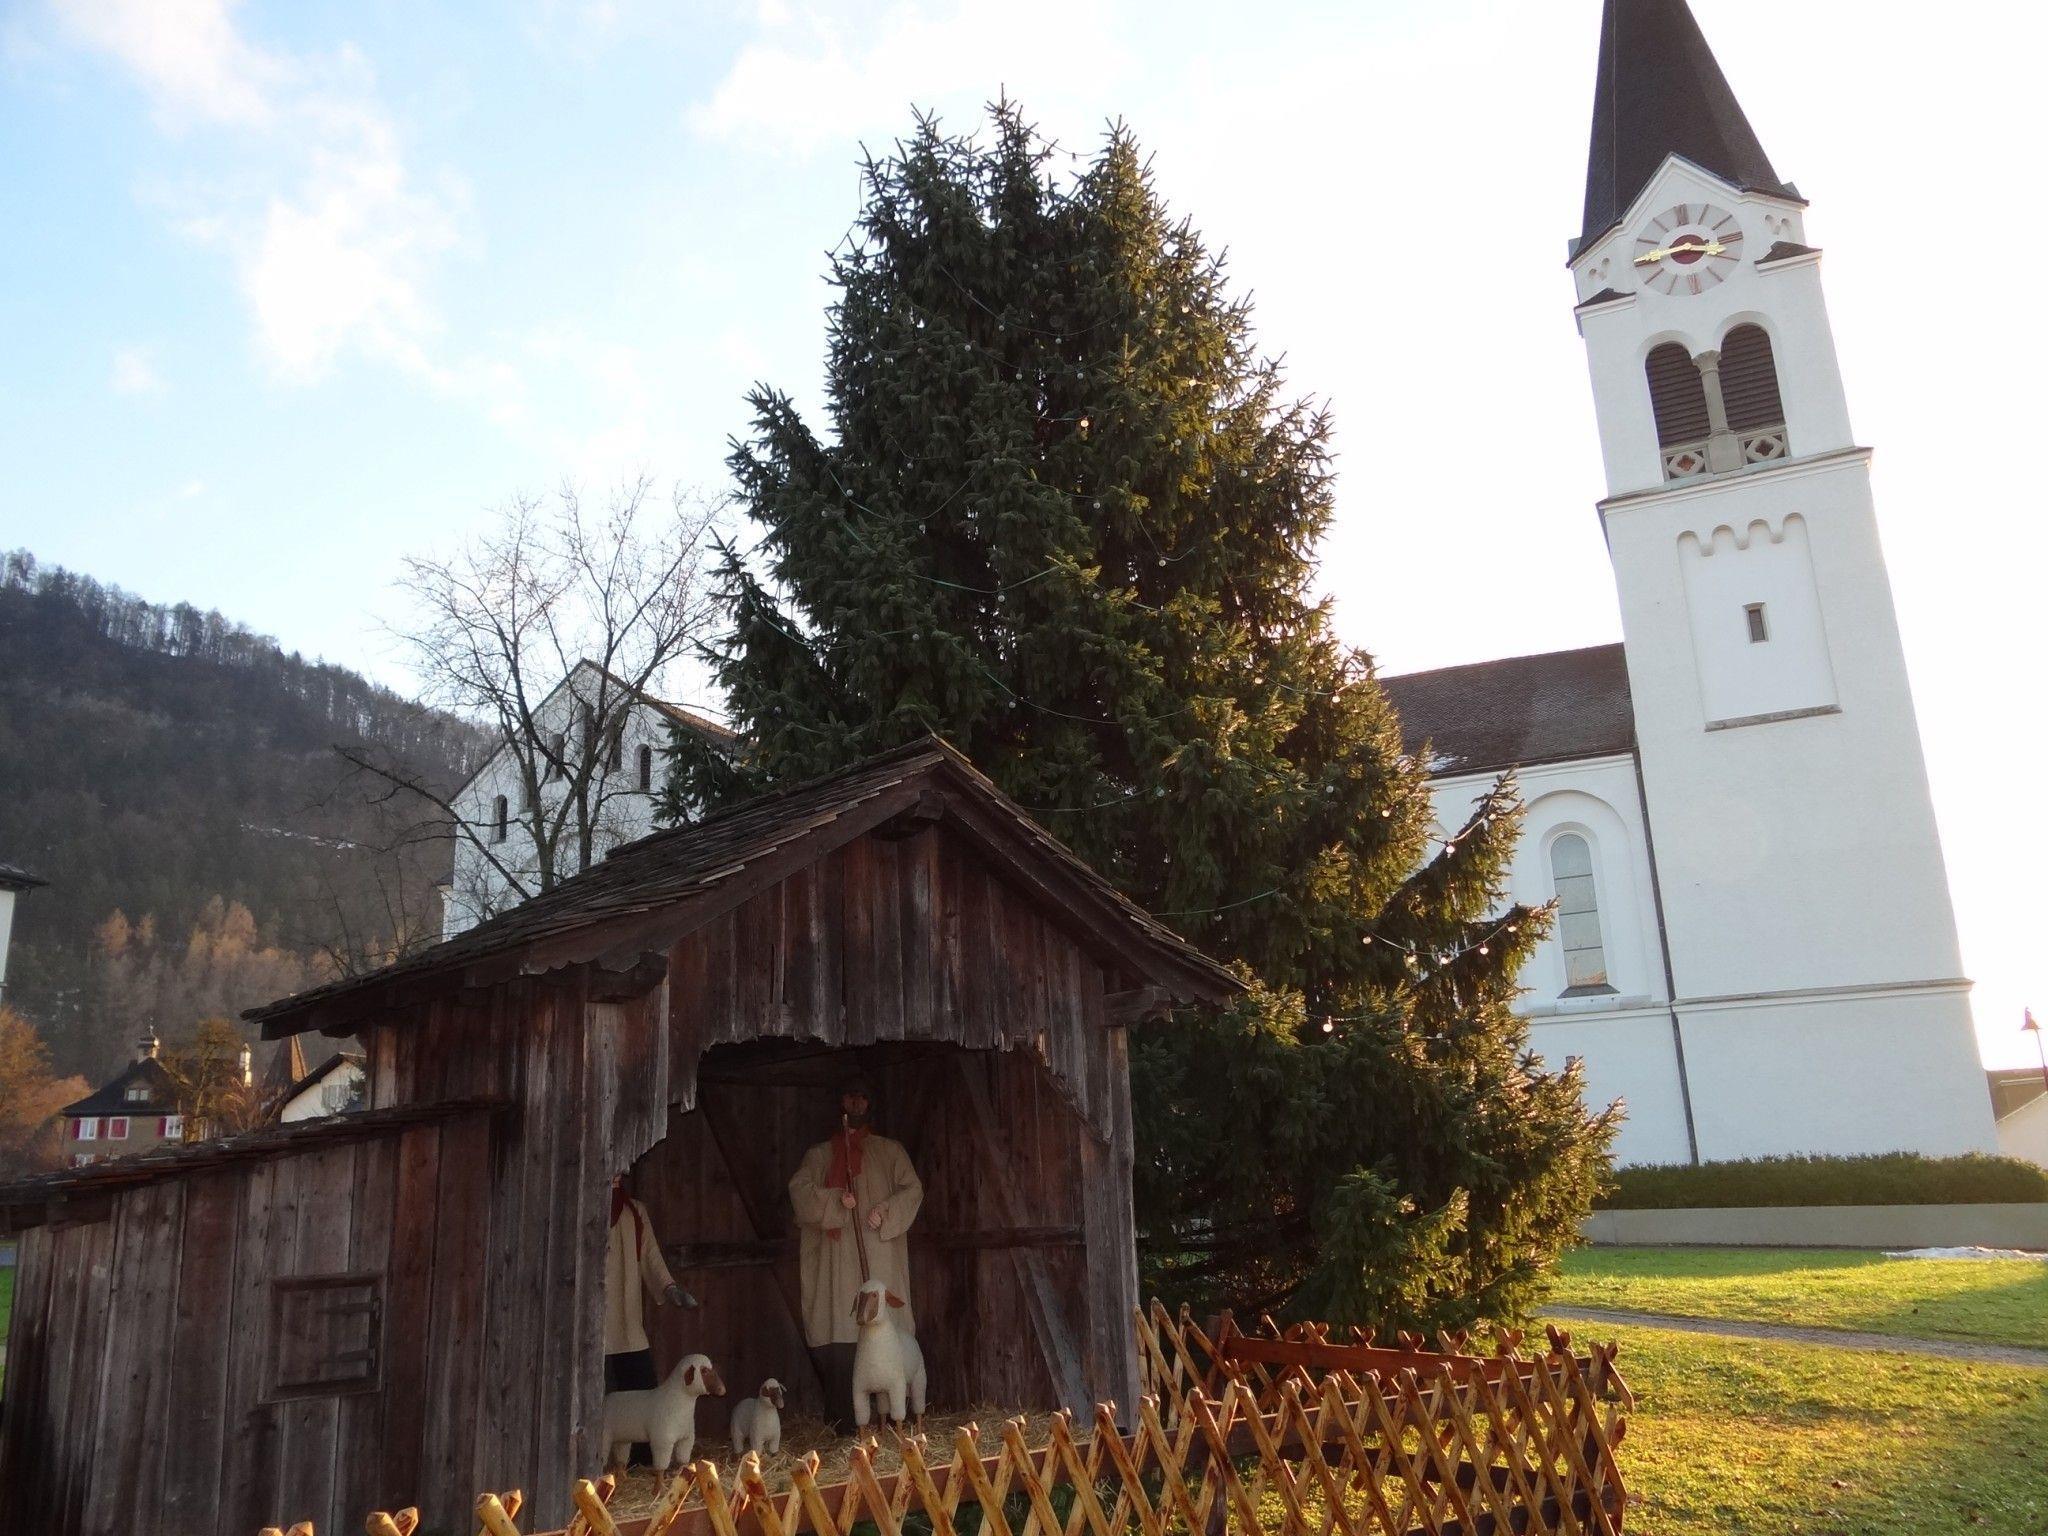 """In Götzis läuft es """"rund"""" - der Christbaum neben der Pfarrkirche als Dorfgespräch"""